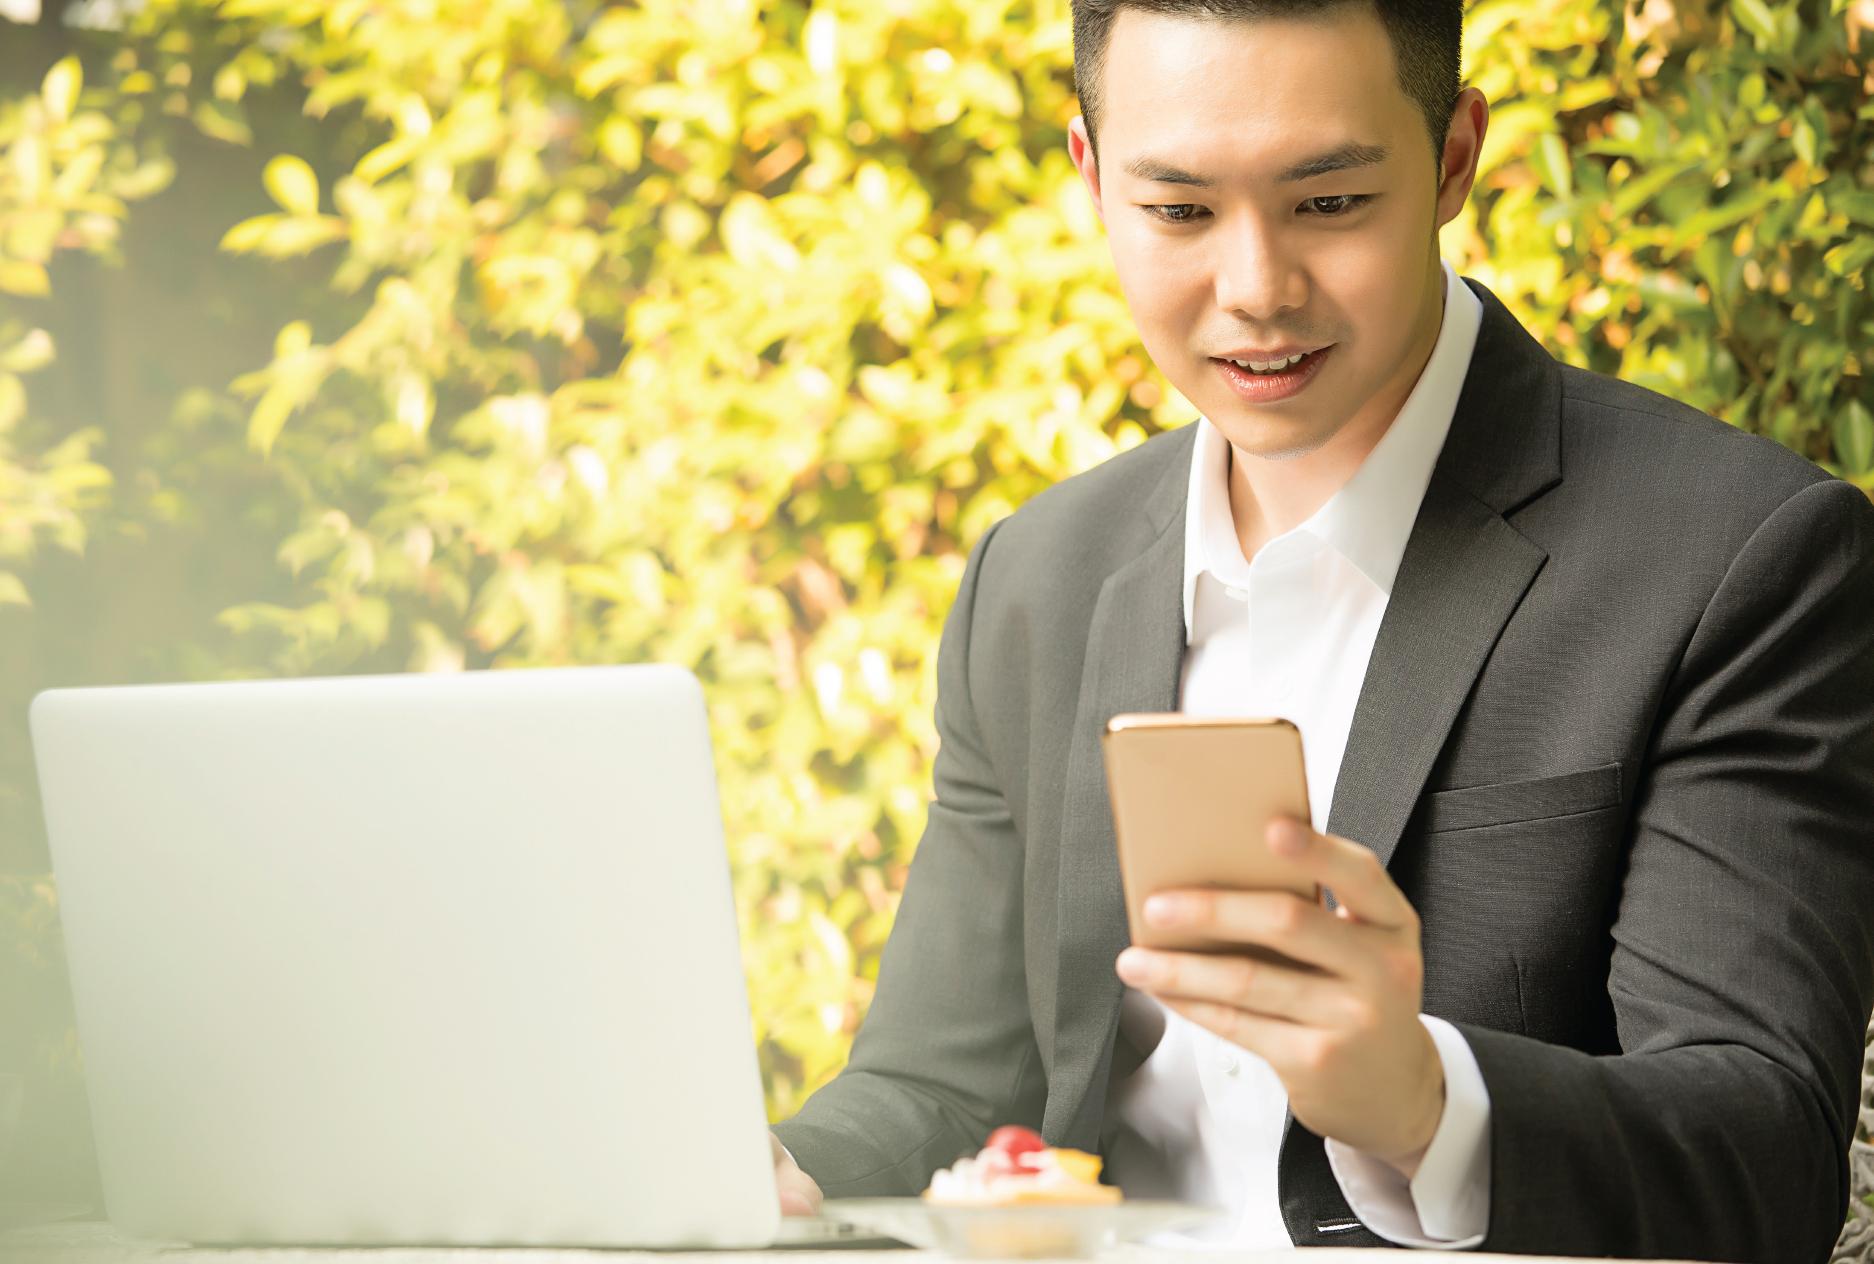 Thông tin chi tiết liên hệ chi nhánh, phòng giao dịch Ngân hàng Bắc Á trên toàn quốc, truy cập website www.baca-bank.vn hoặc tổng đài chăm sóc khách hàng 1800 588 828.